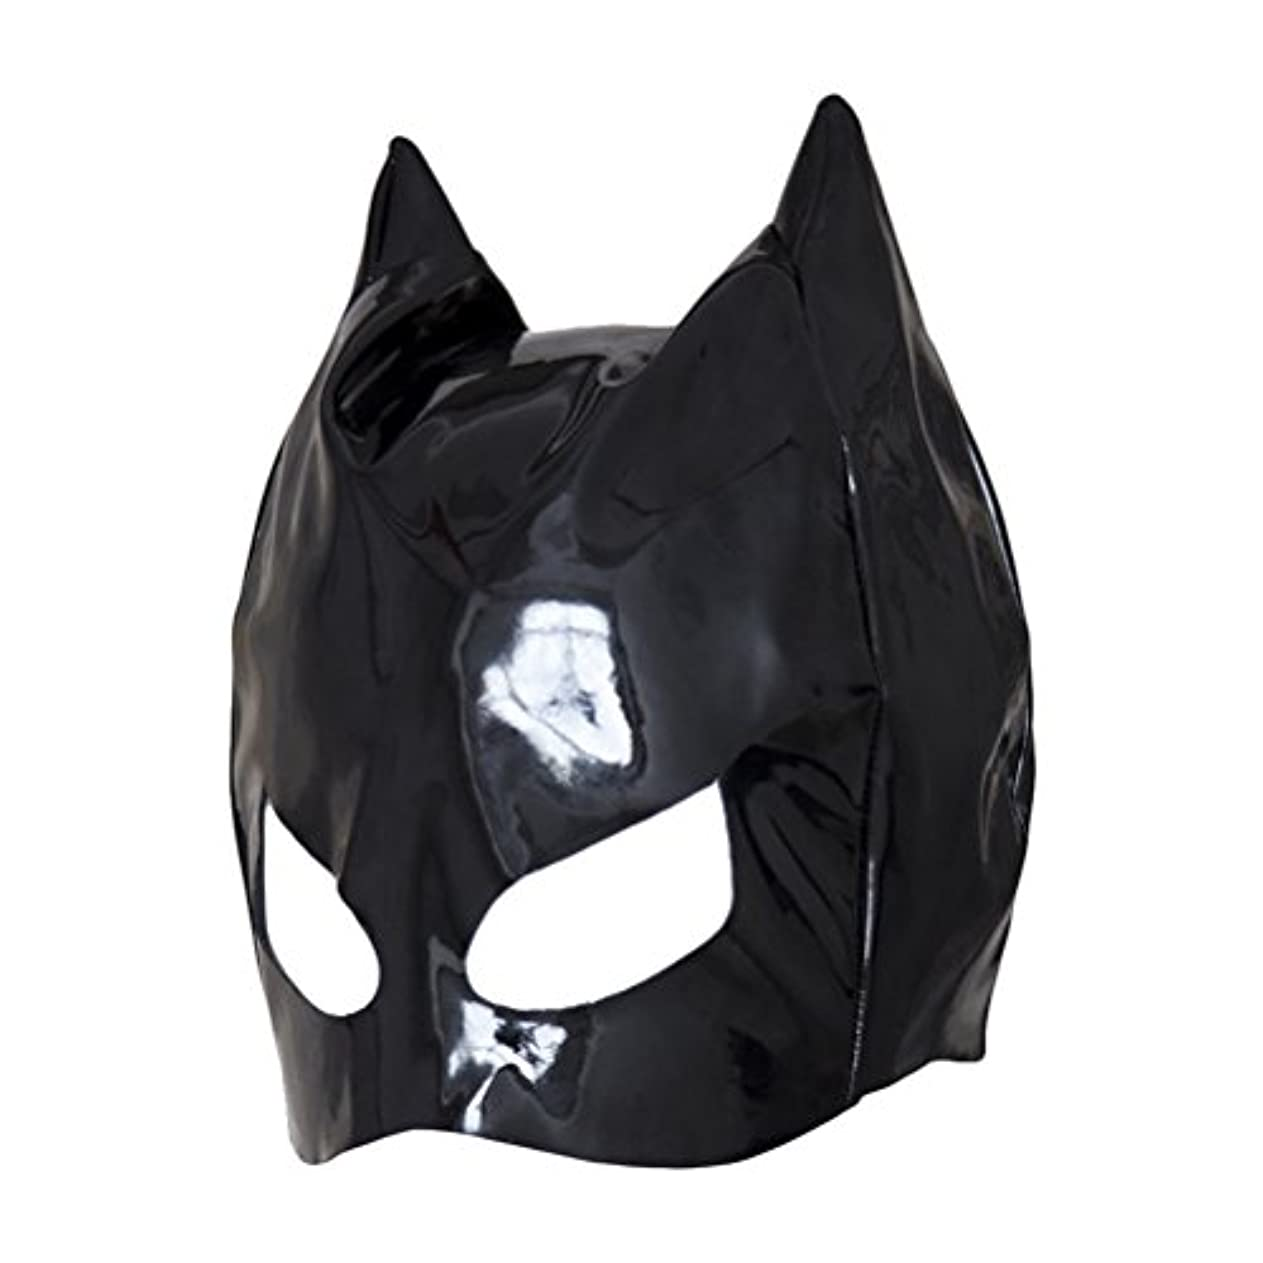 劣るトンネル薬Healifty 全頭マスク フェイスカバー オープンアイズ PUレザーフード コスプレ 衣装帽子 ユニセックス (ブラック)